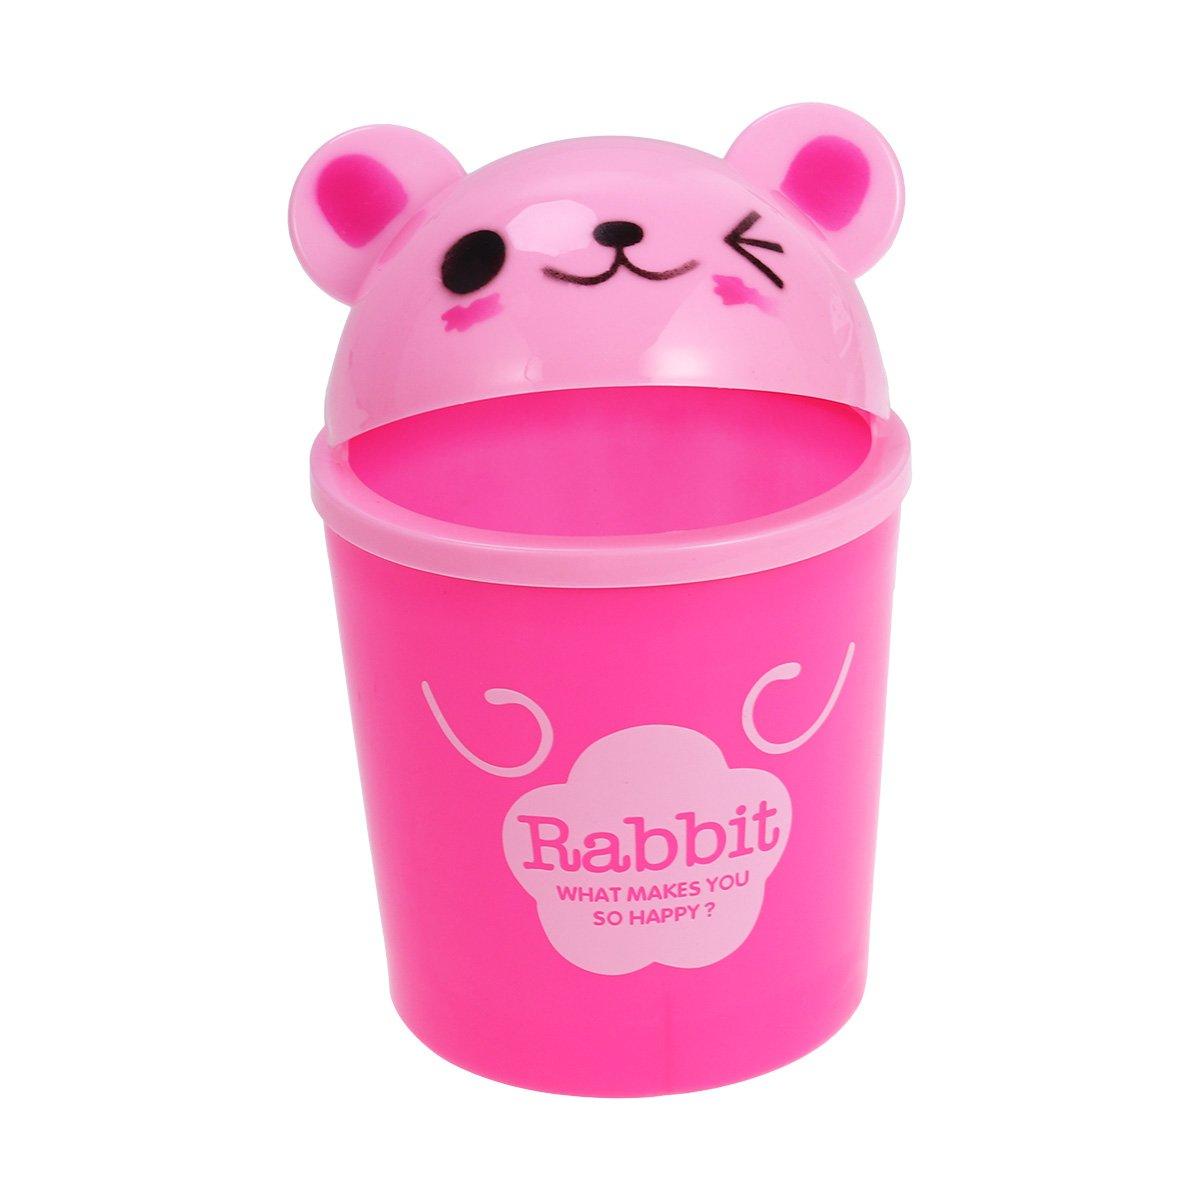 spazzatura stoccaggio /cute Animal desktop Trash can coniglio Mini pattumiera con coperchio/ pattumiera per uso ufficio cameretta dei bambini